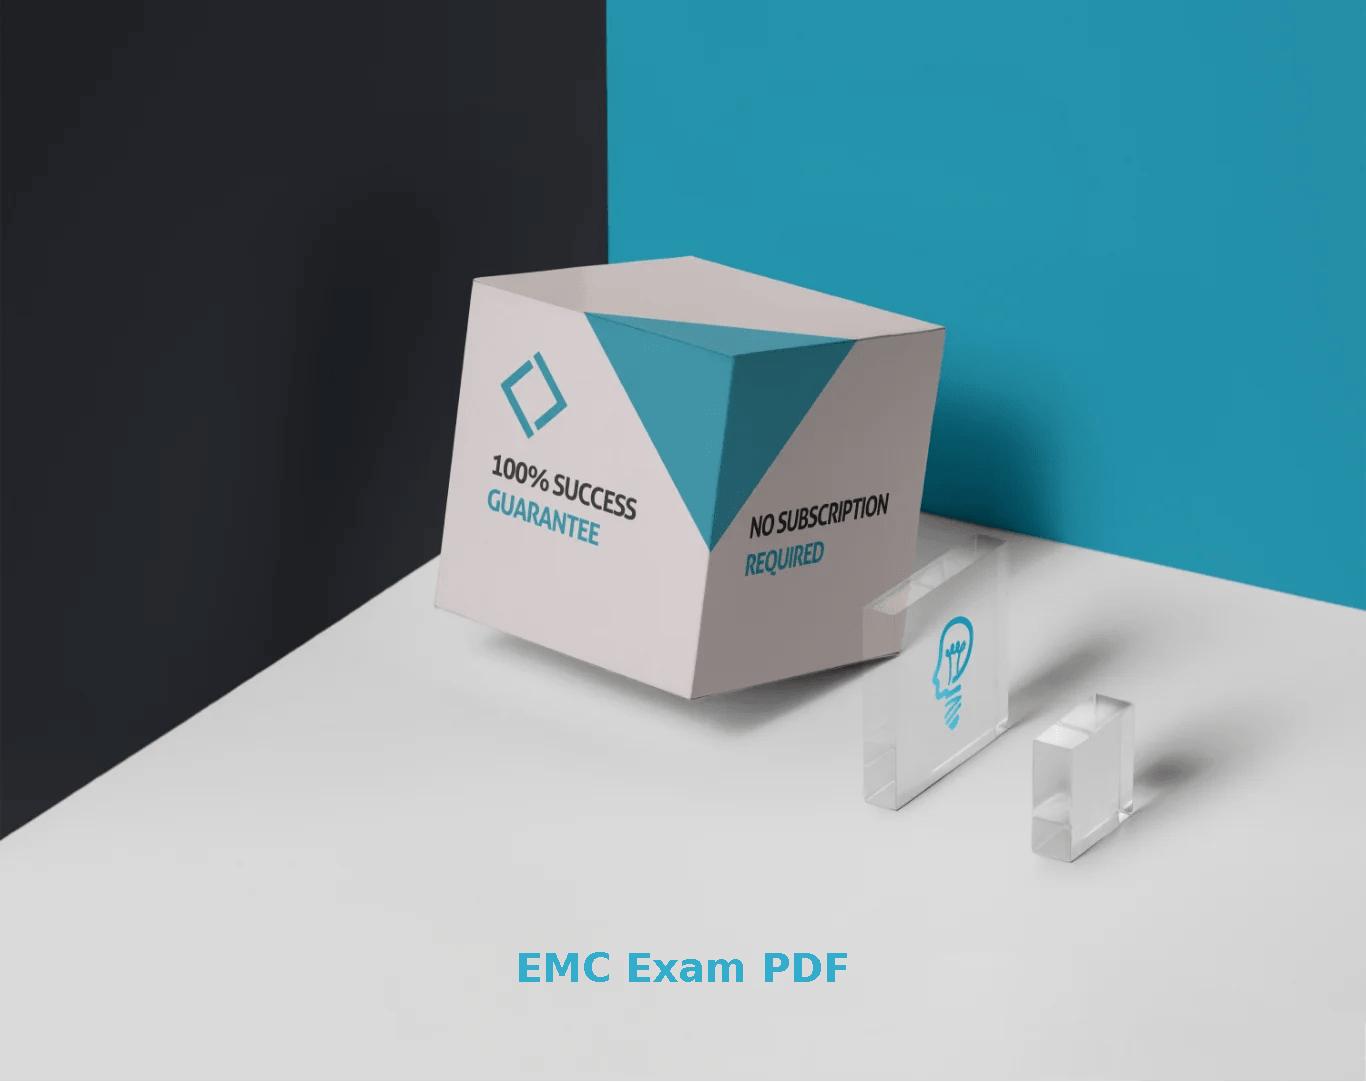 EMC Exam PDF